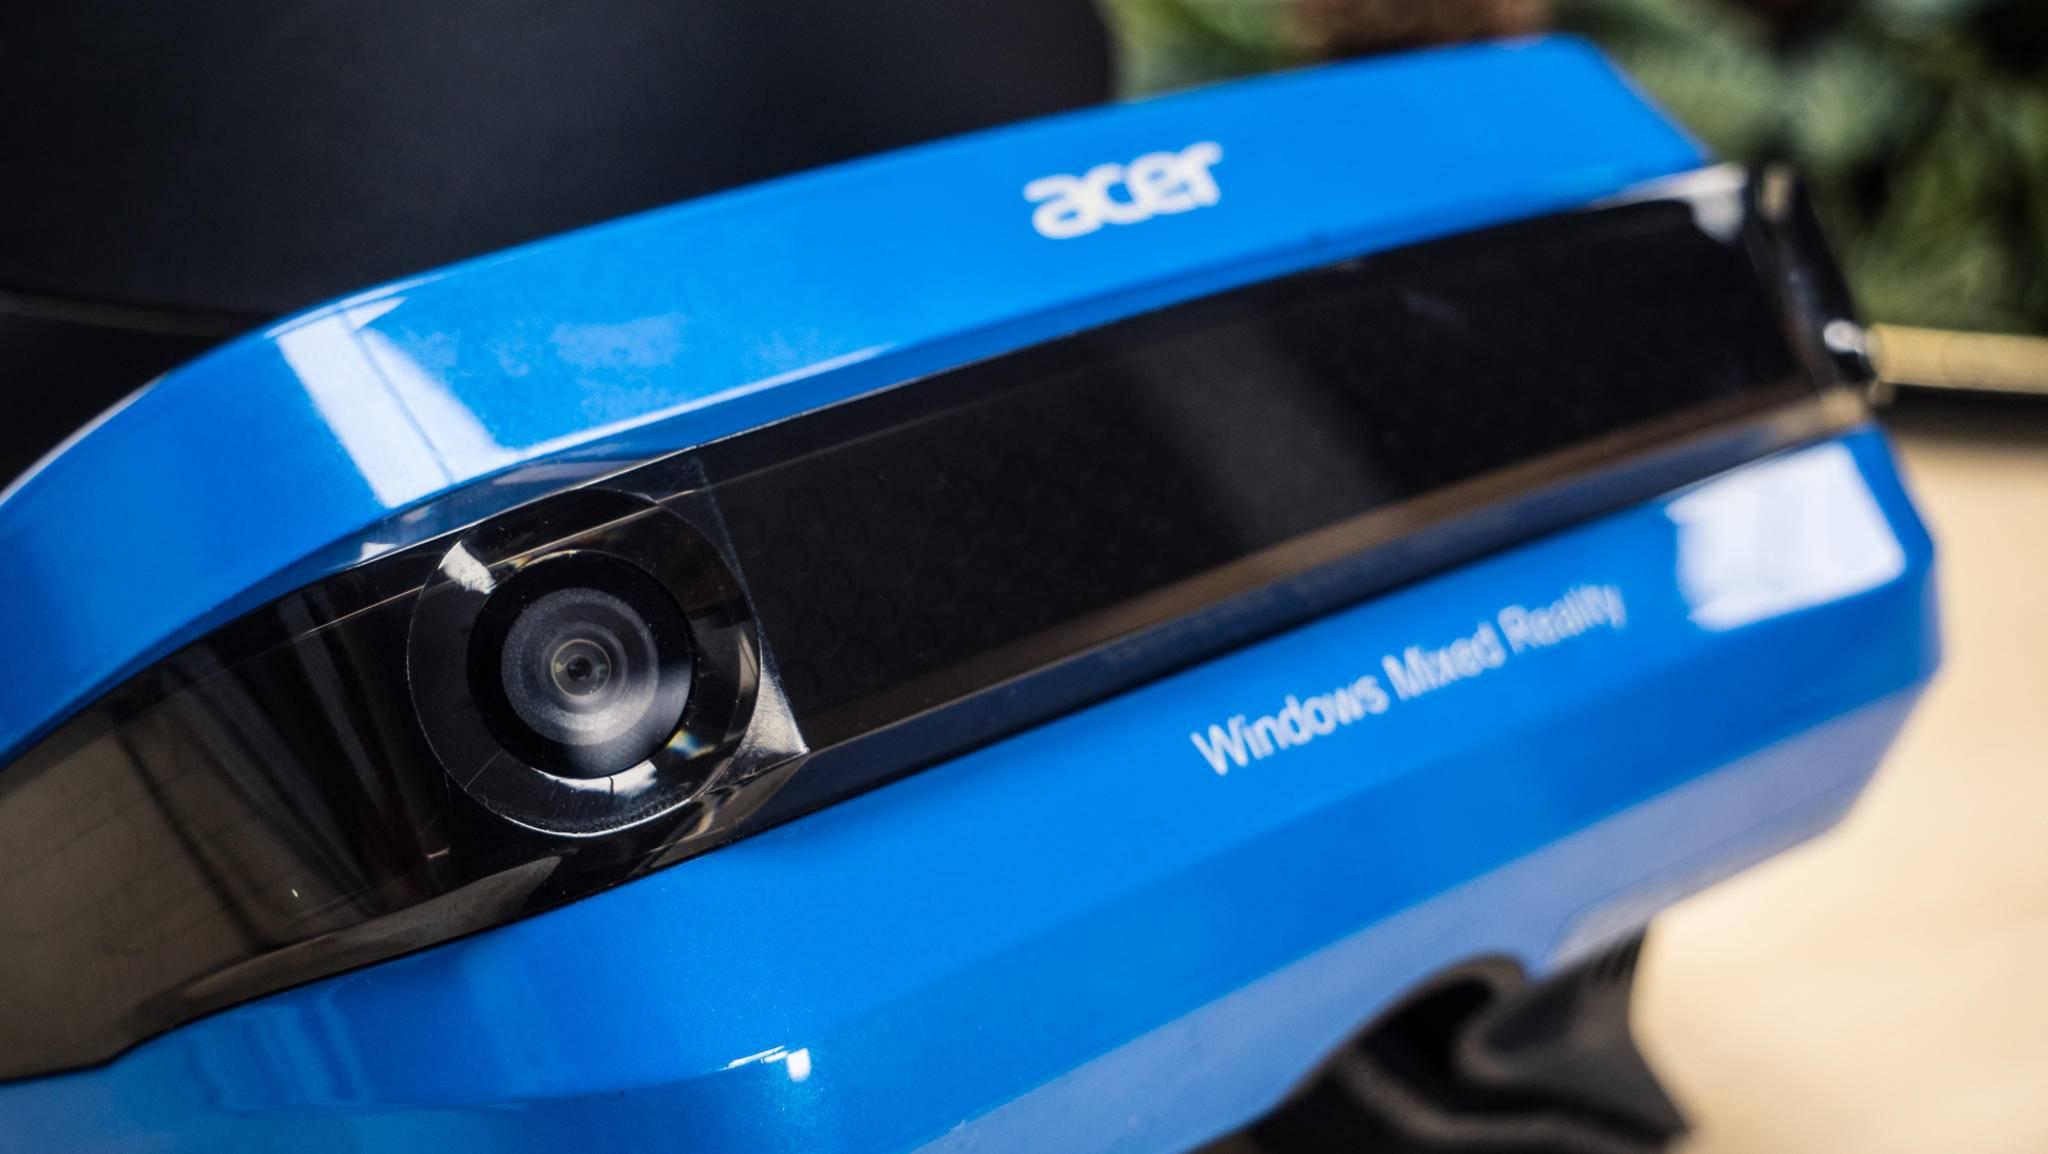 Das Tracking gelingt bei Windows Mixed Reality dank Sensoren auf der Brille.